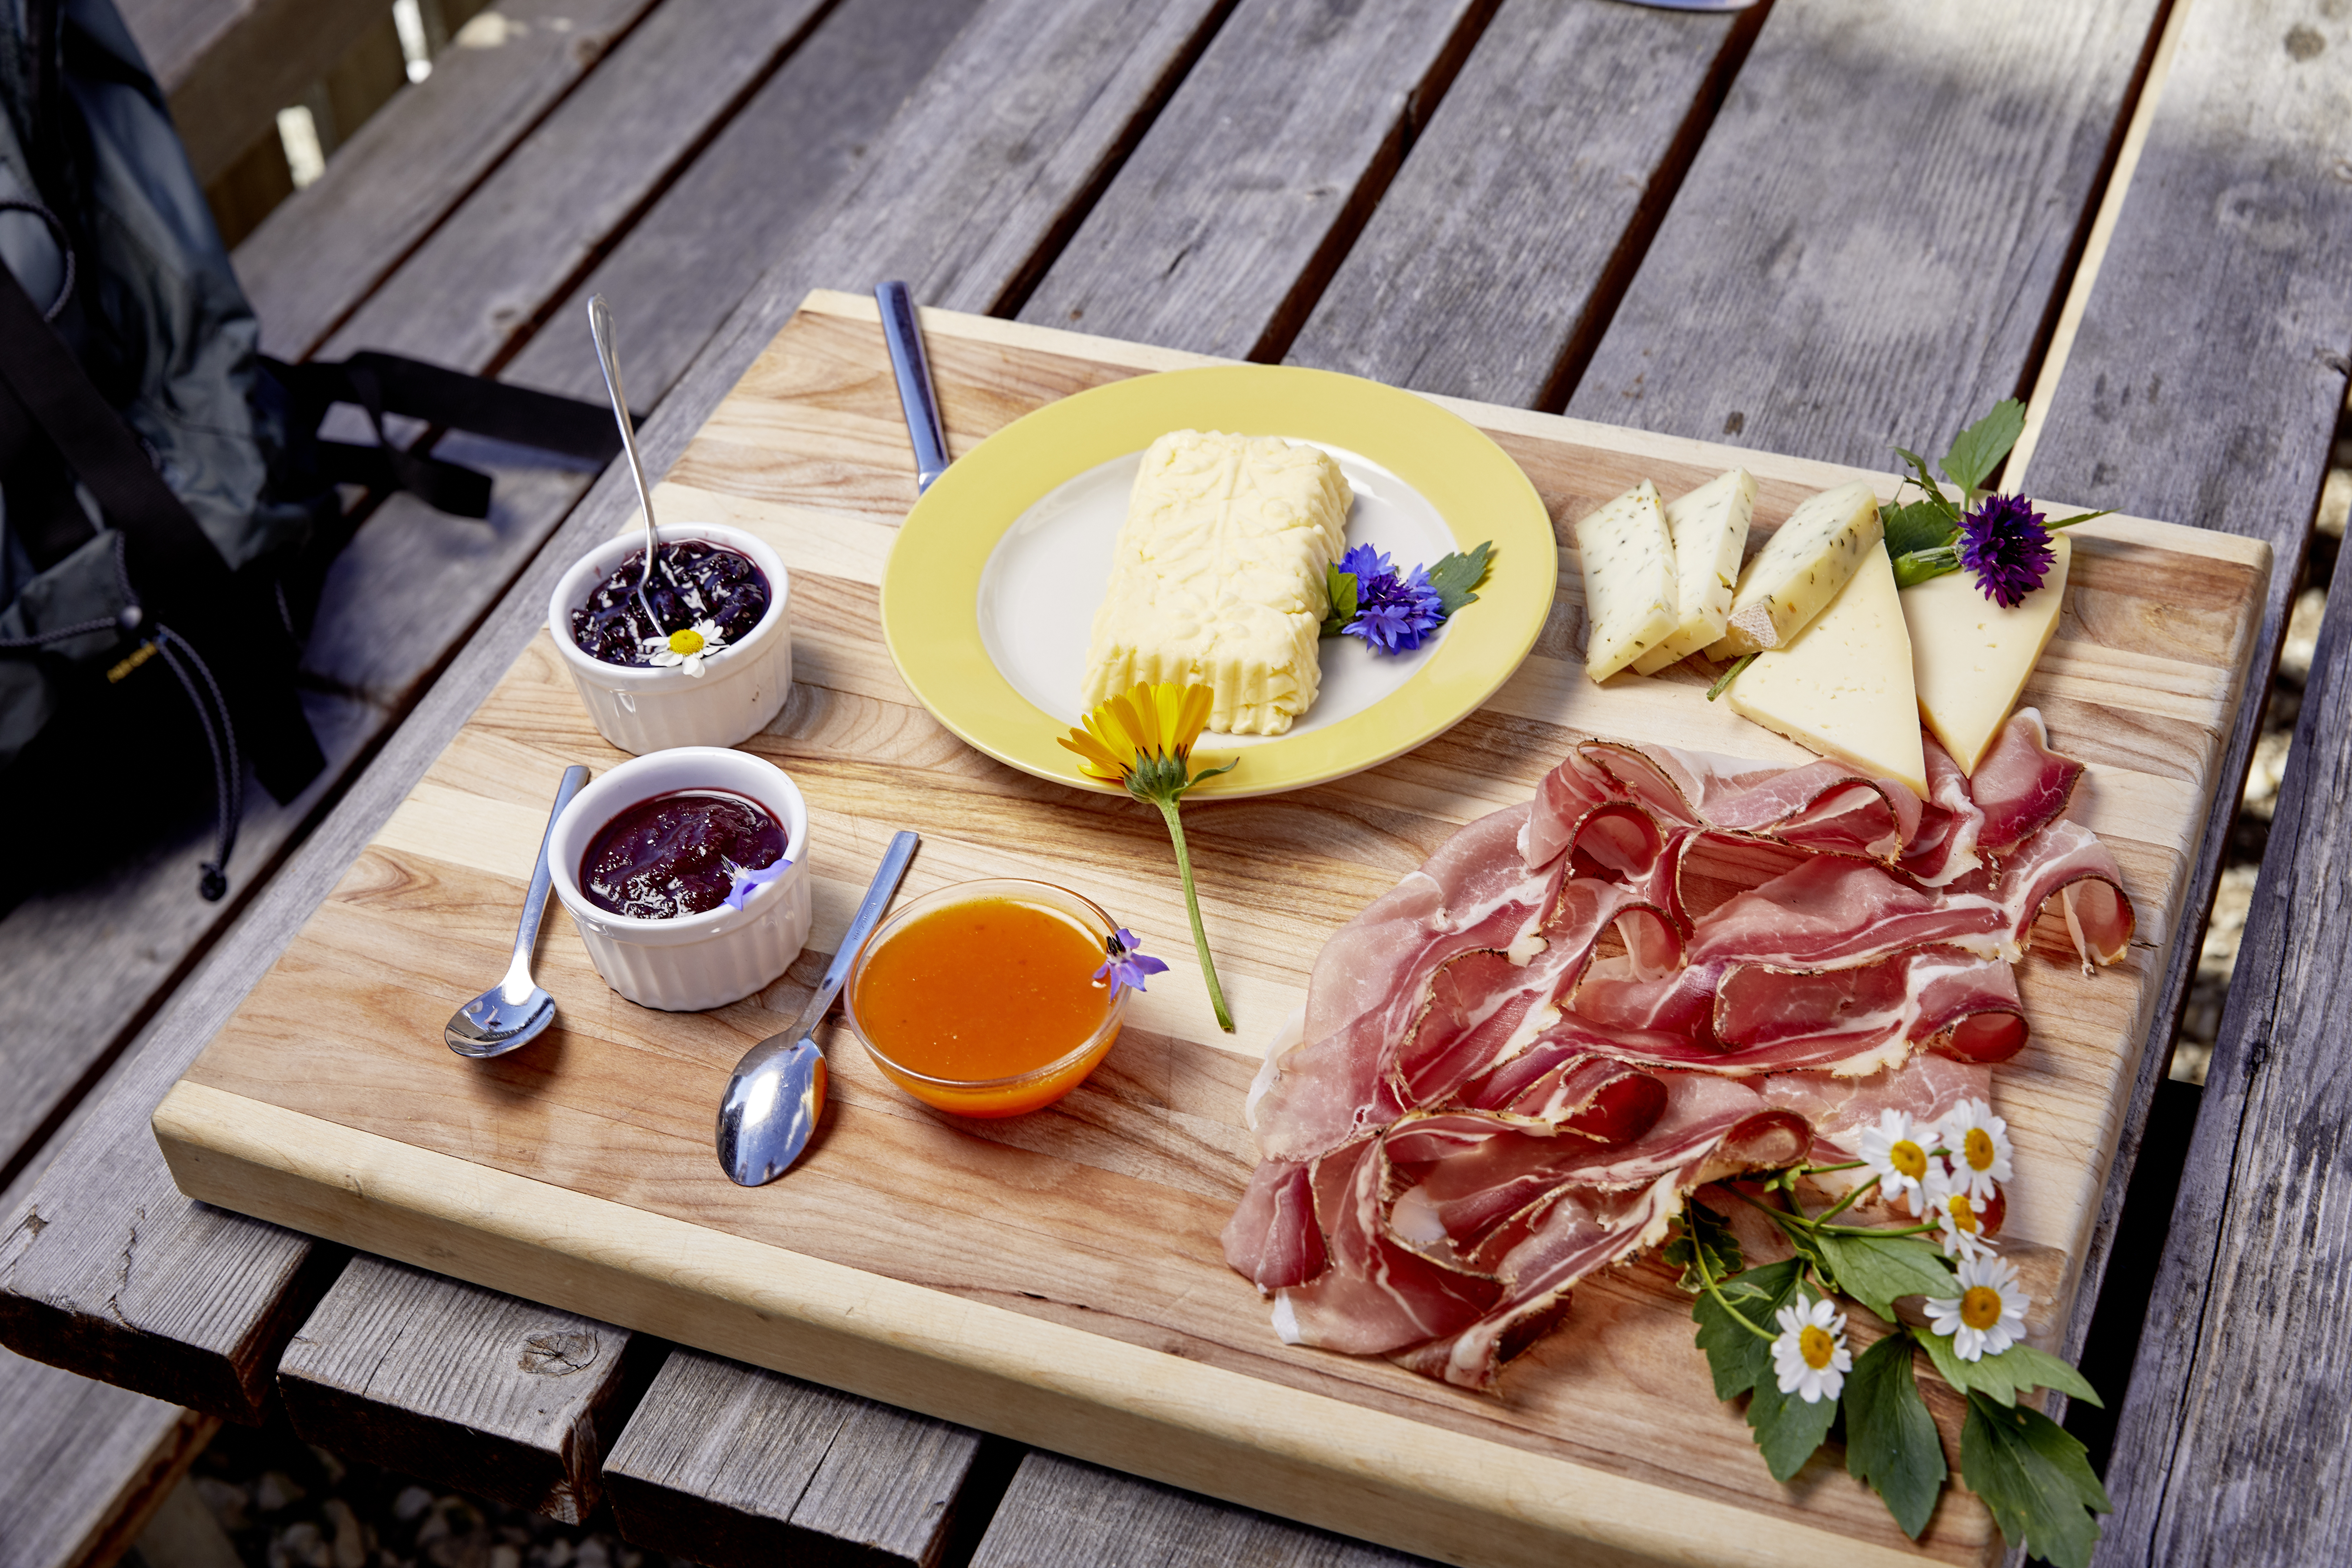 Genießen Sie während Ihres Aufenthalts in den DolceVita Hotels die Südtiroler Marende